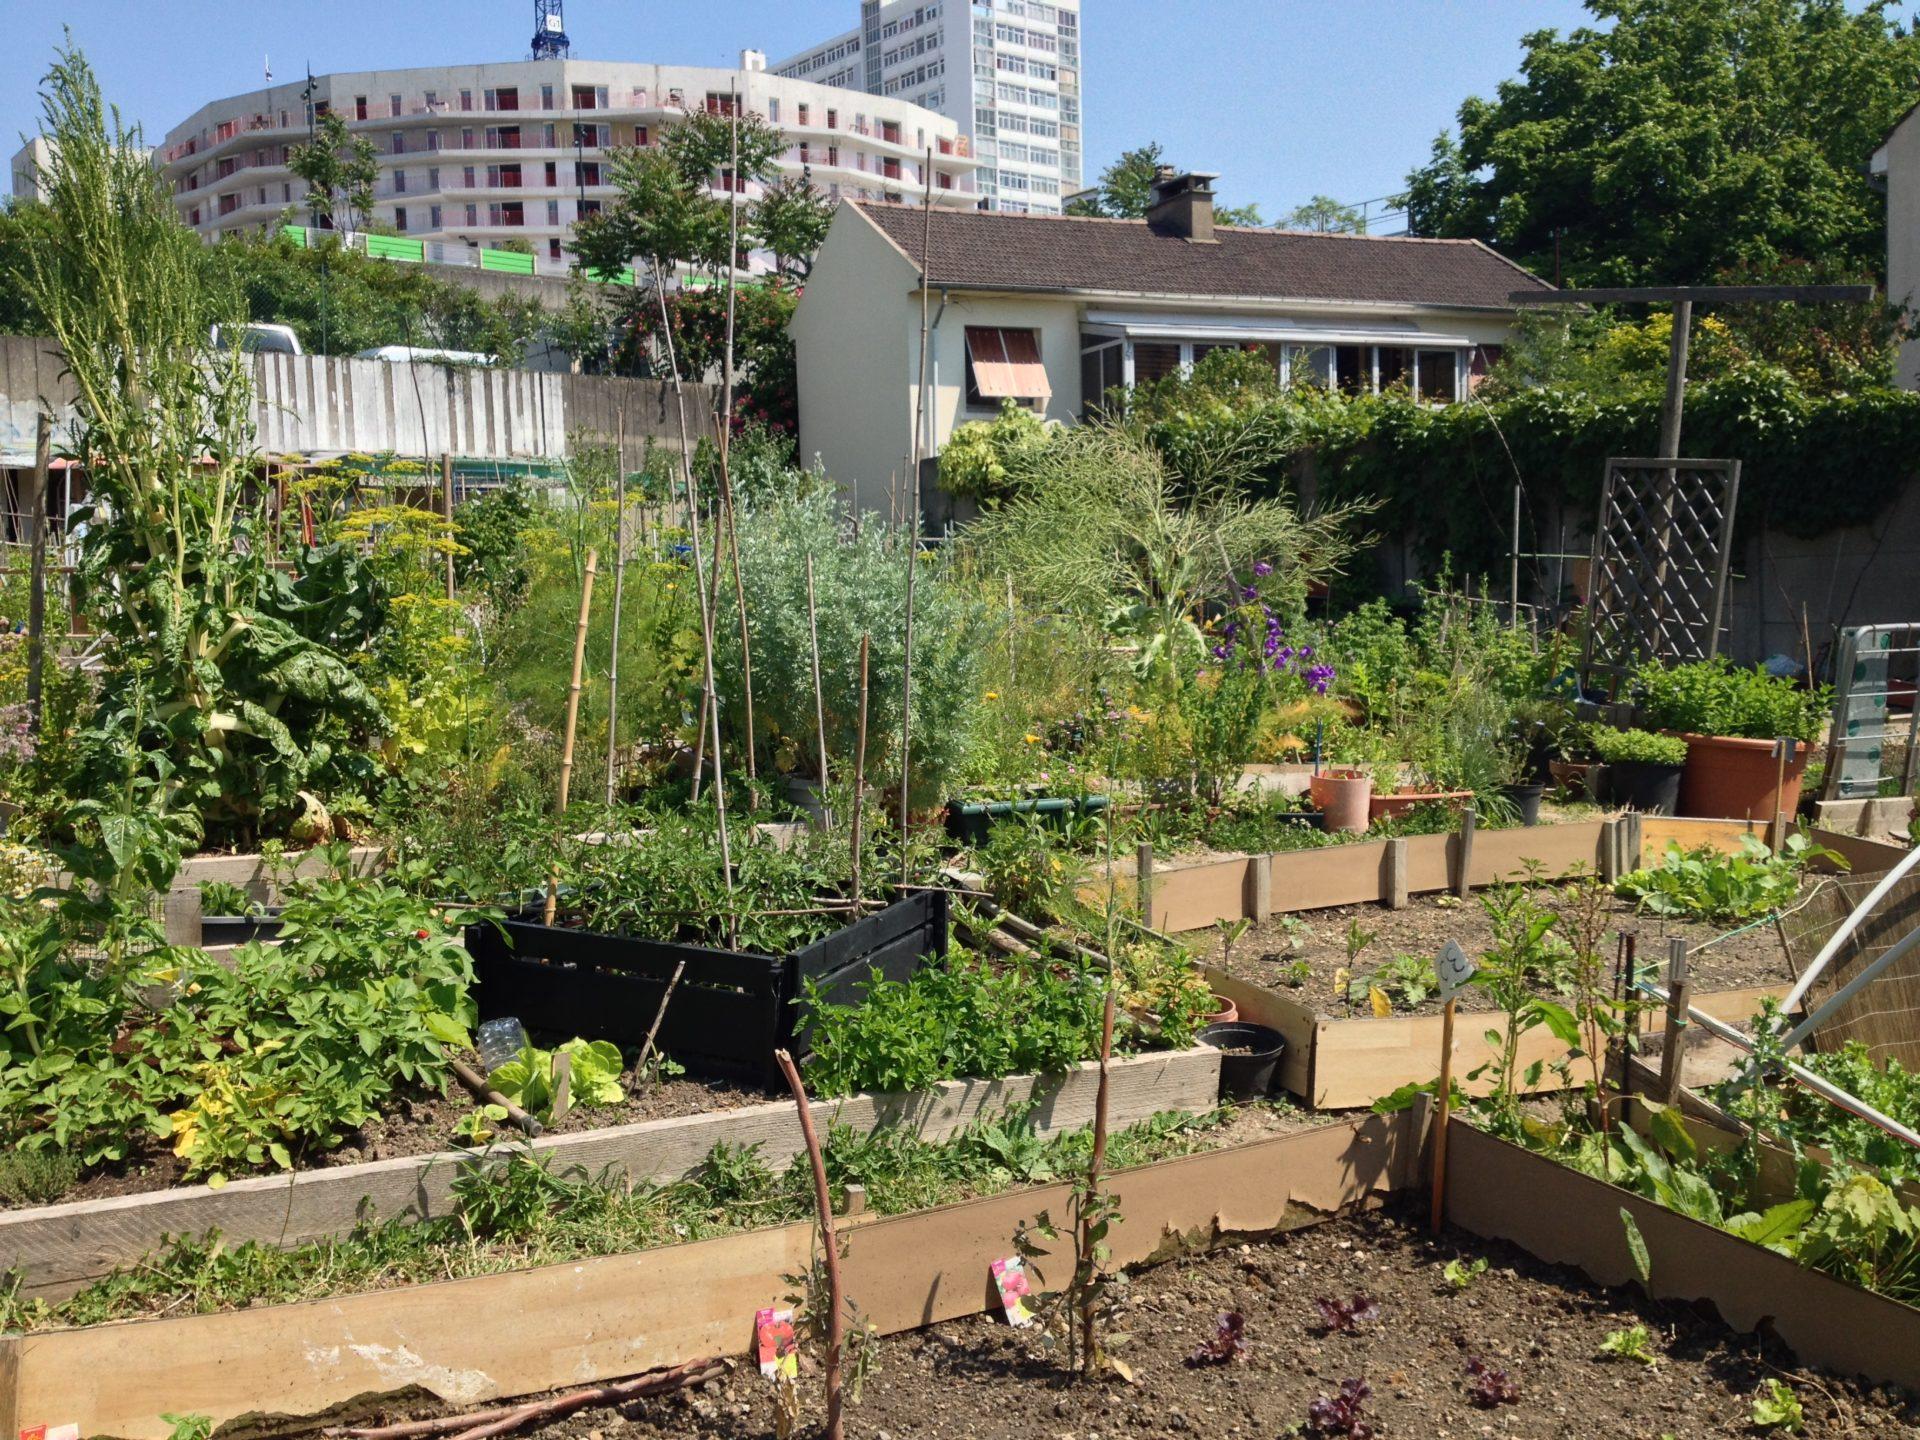 Miejskie ogródki w Paryżu